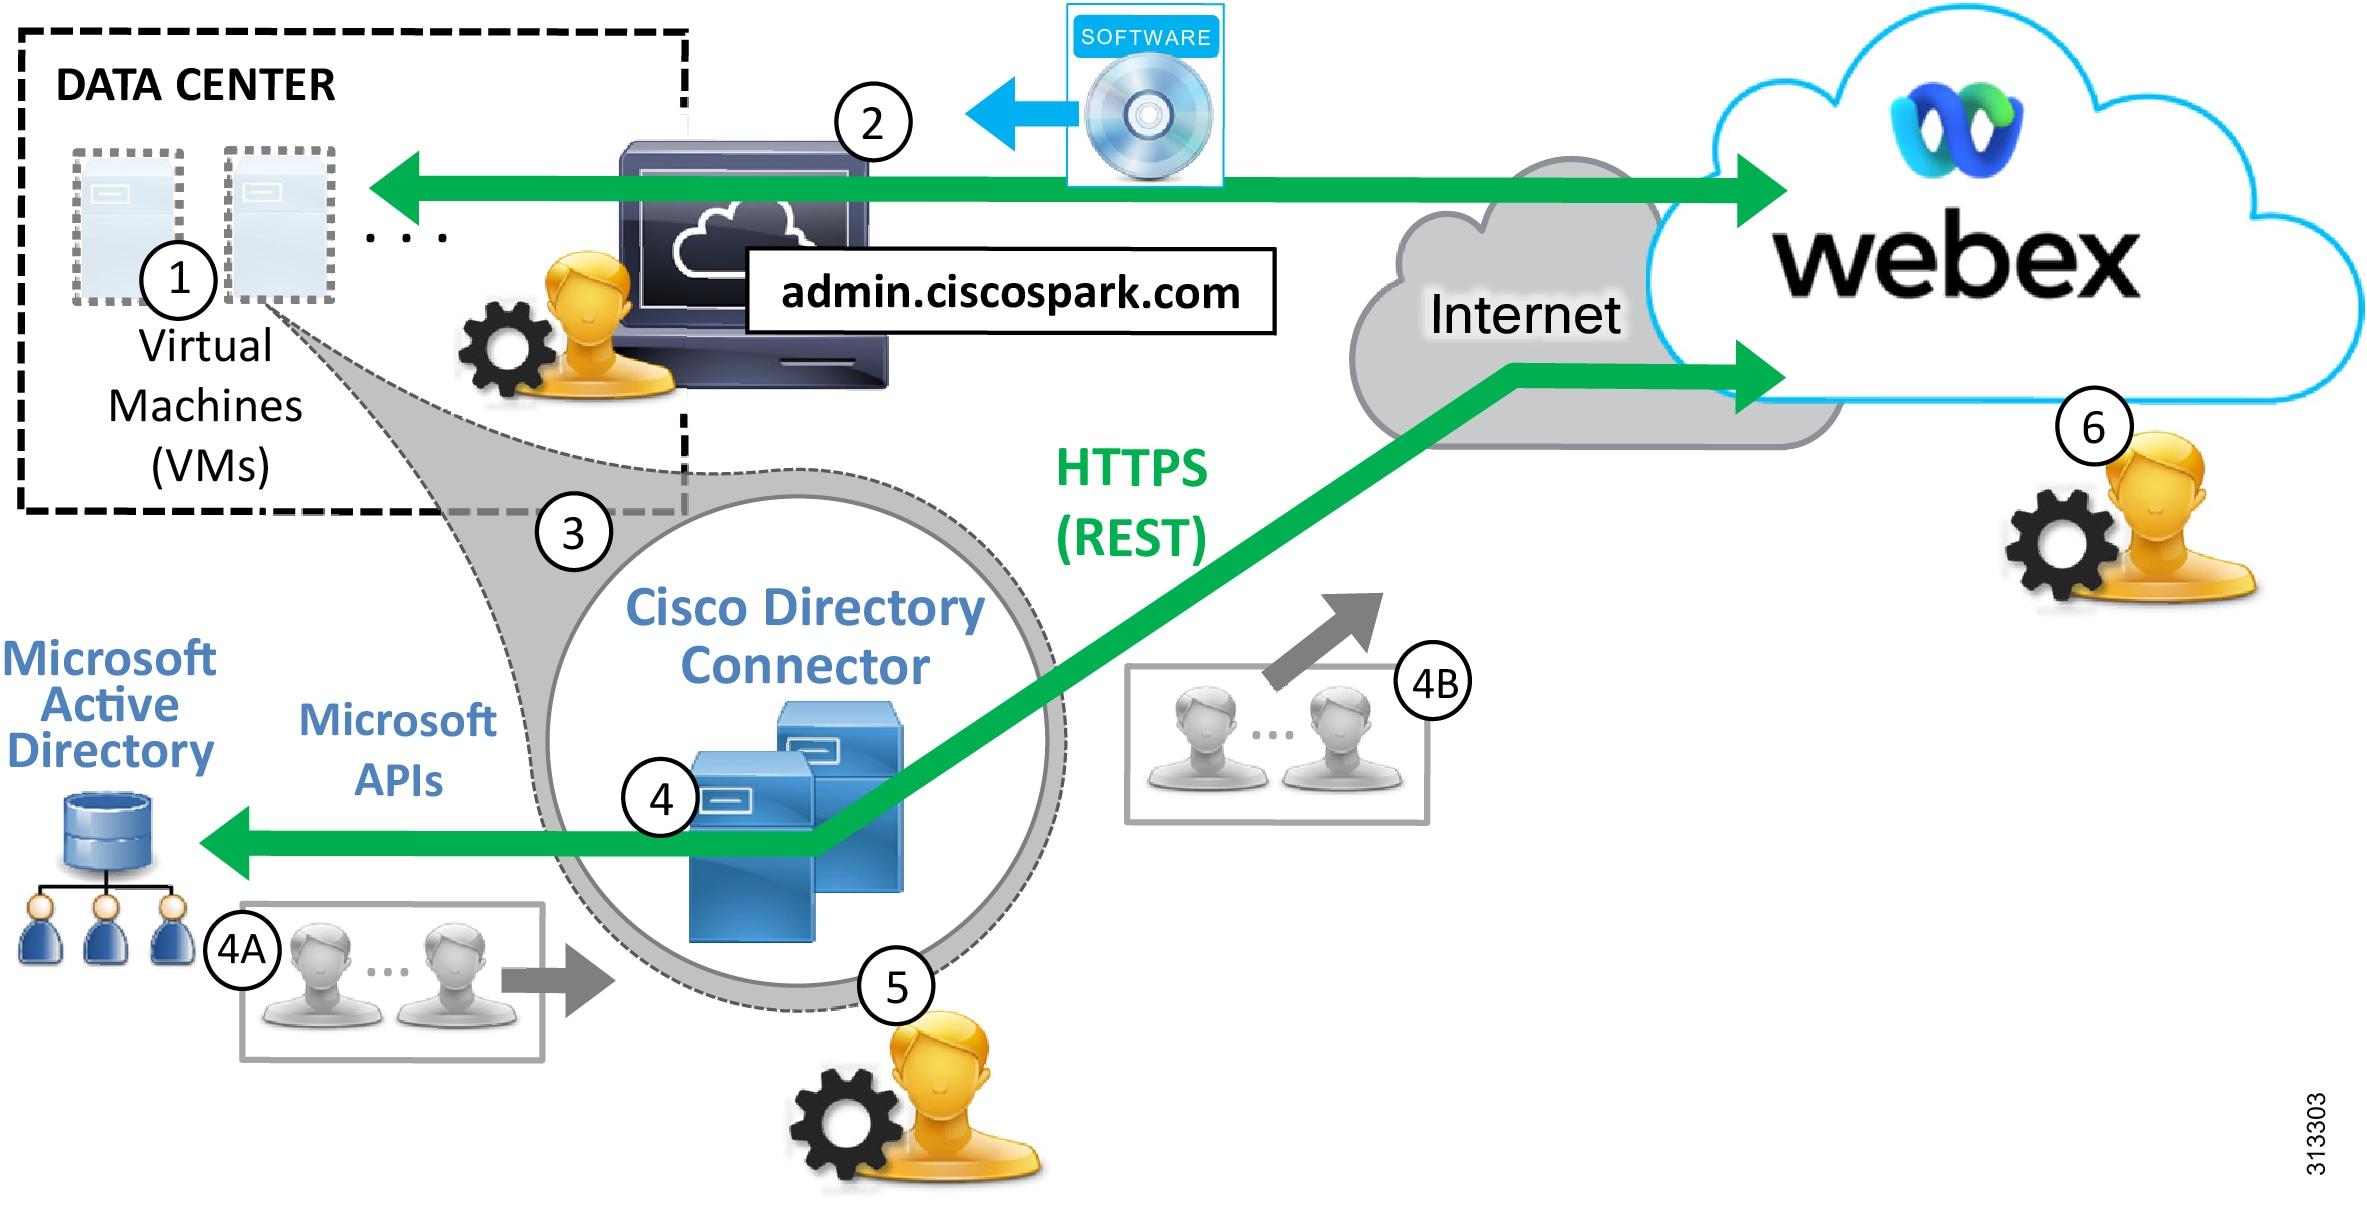 Preferred Architecture for Cisco Webex Hybrid Services, CVD - Cisco